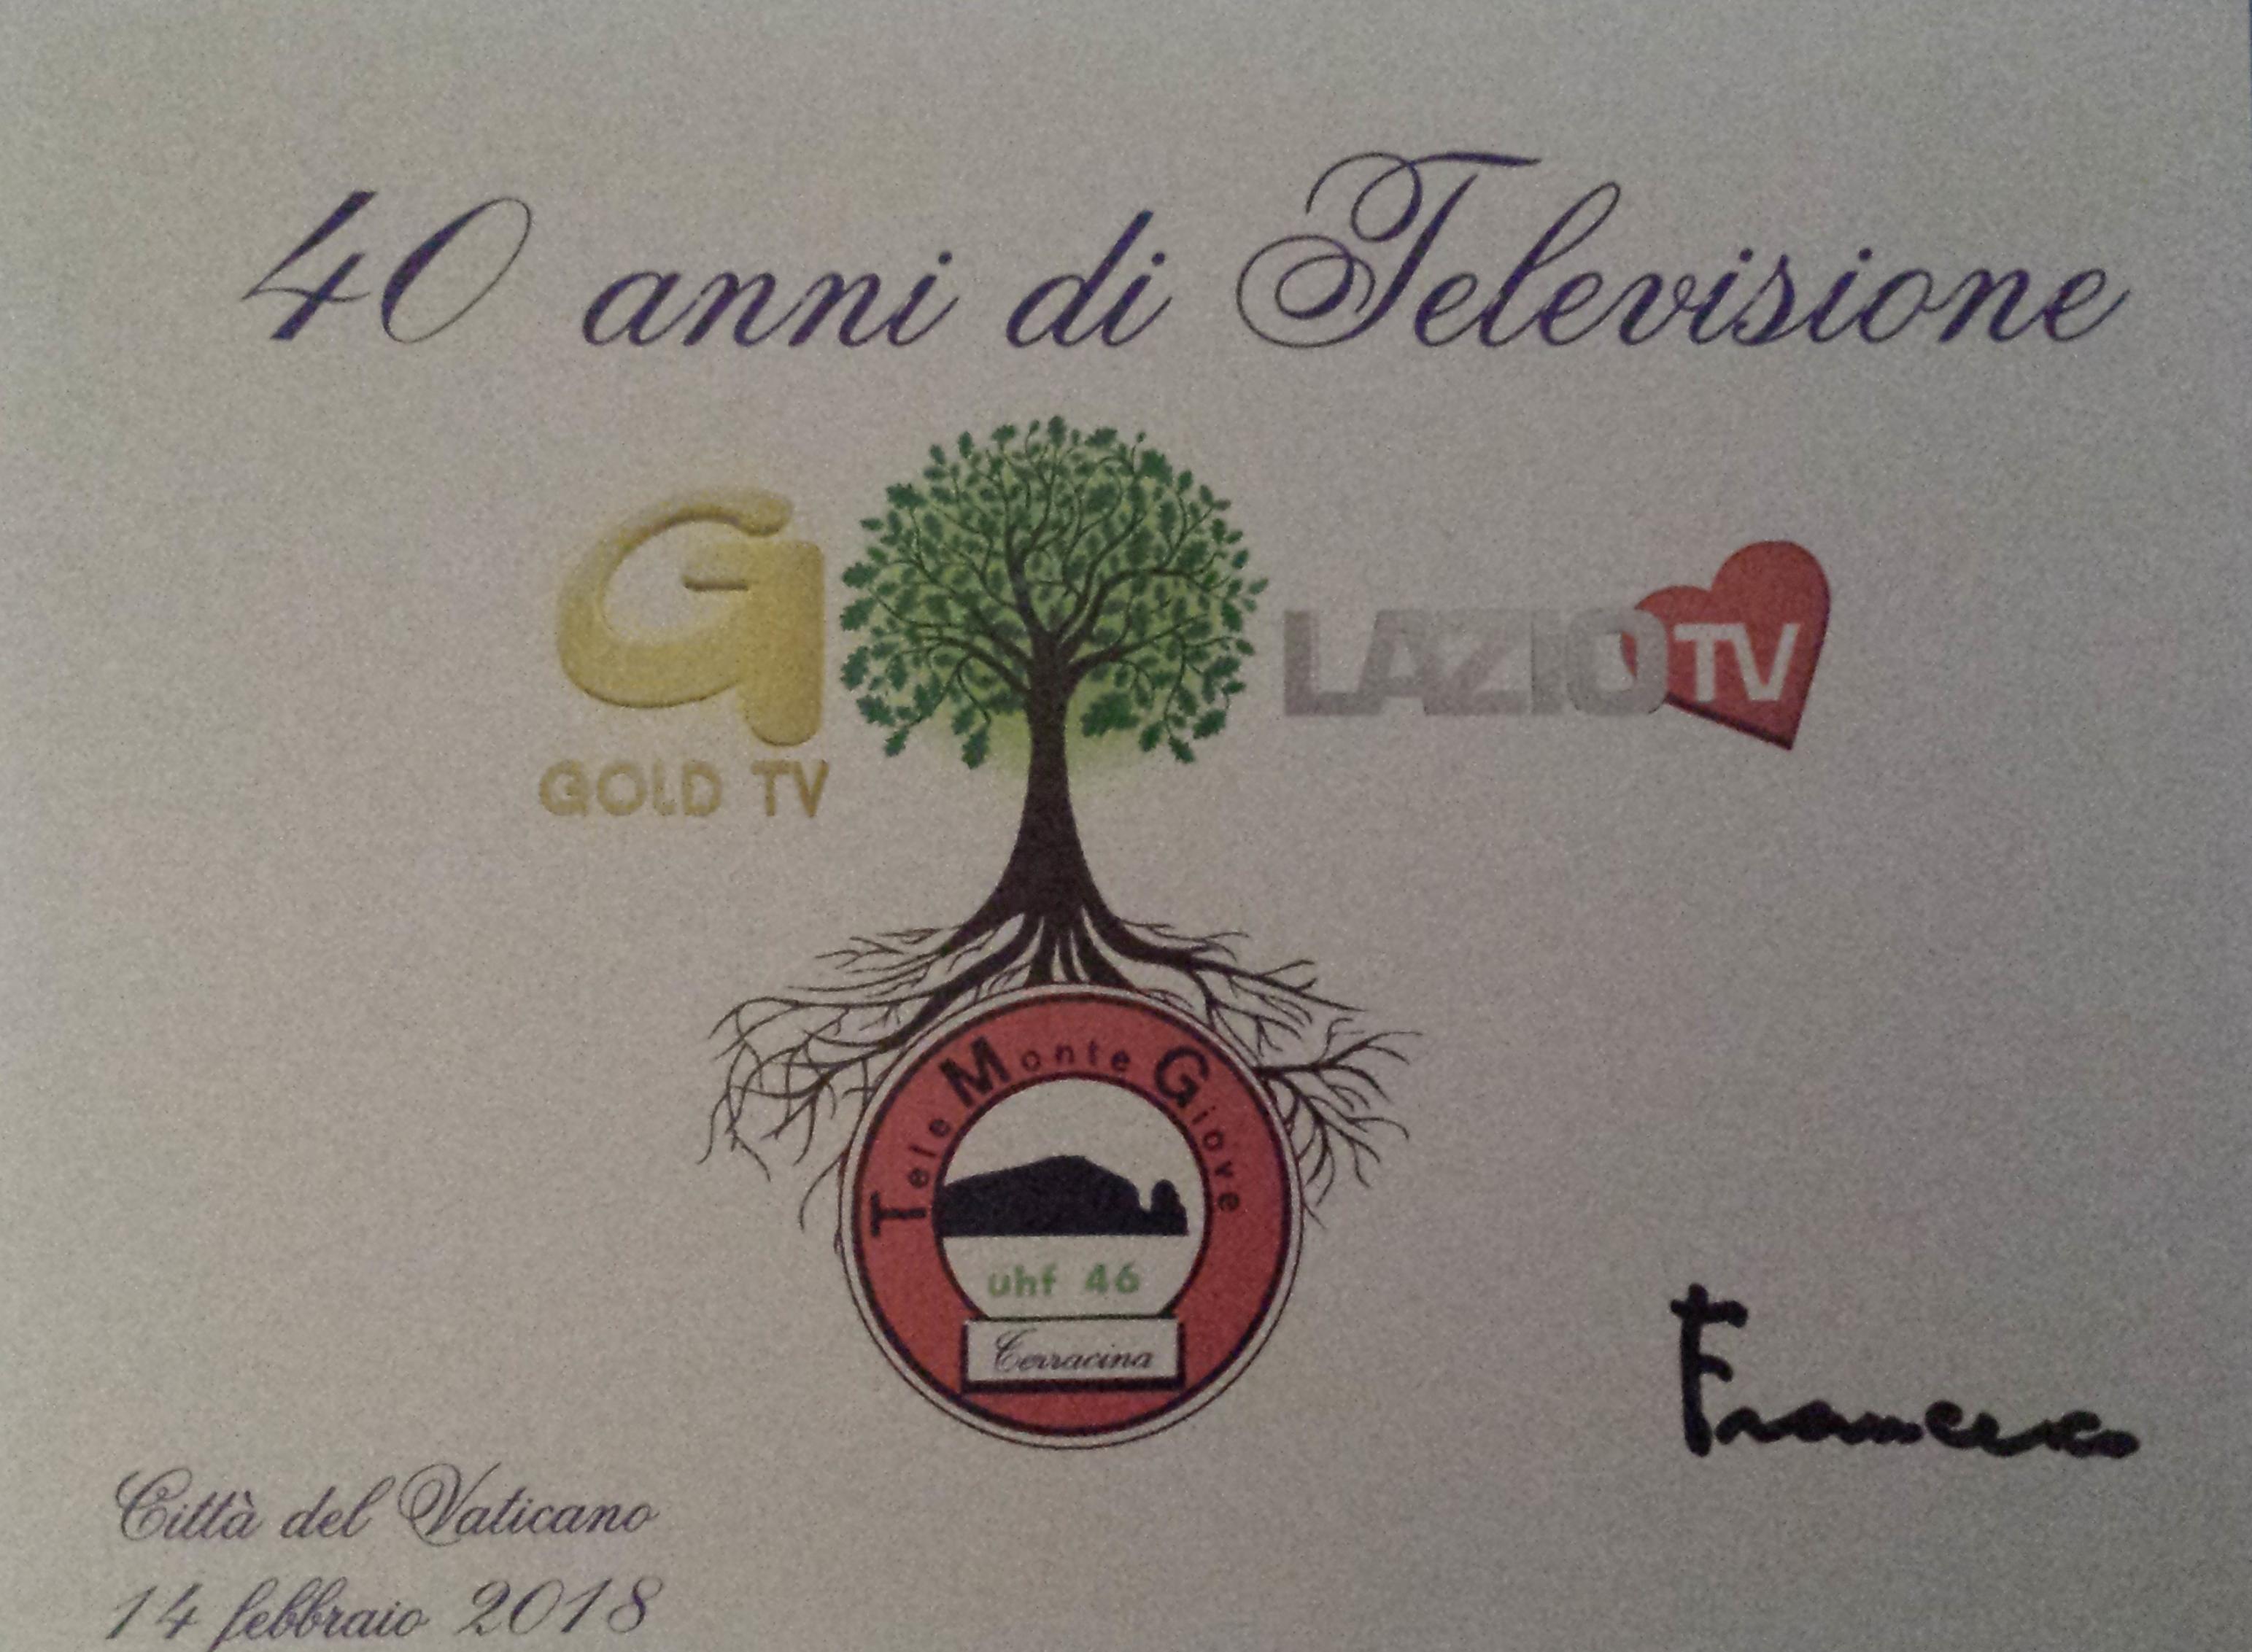 lazio tv 40 anni